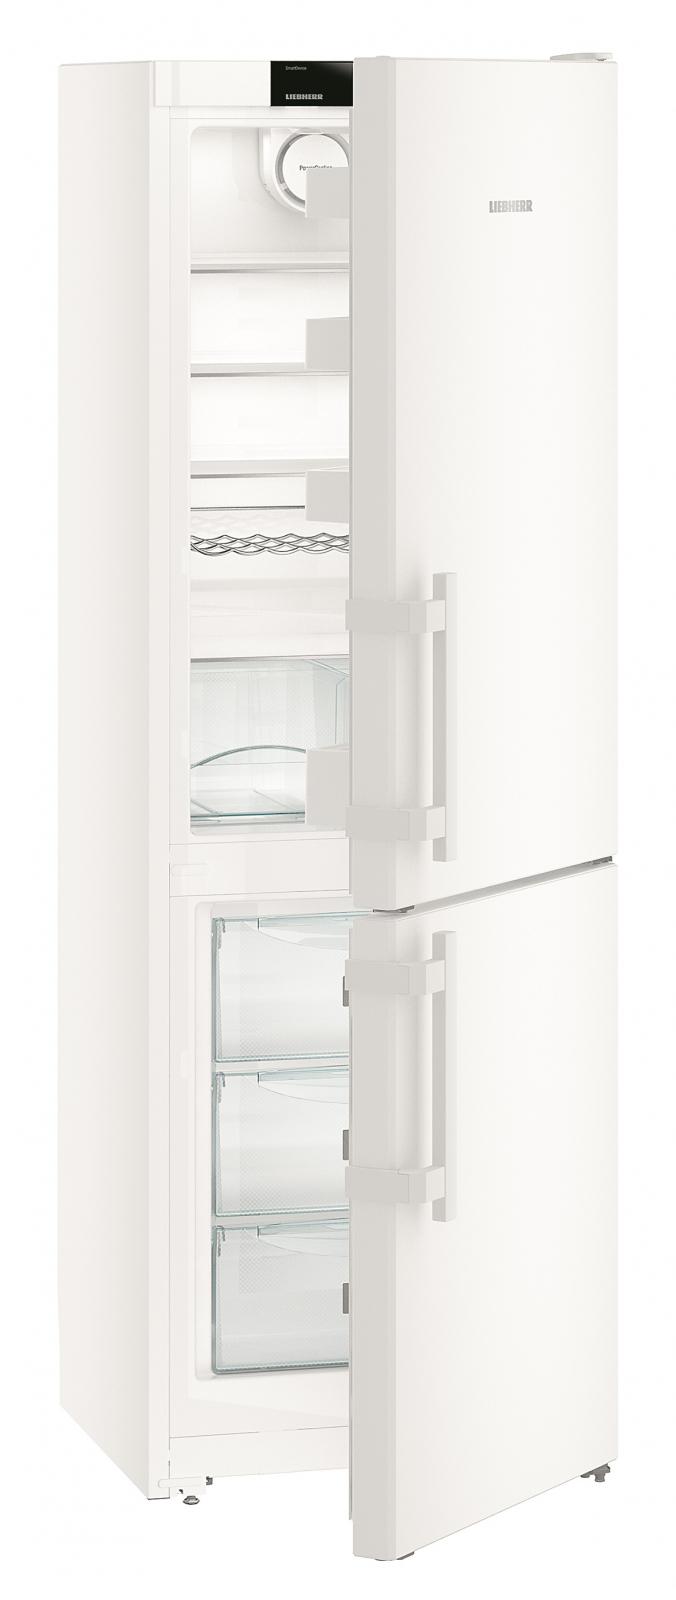 купить Двухкамерный холодильник Liebherr C 3425 Украина фото 4